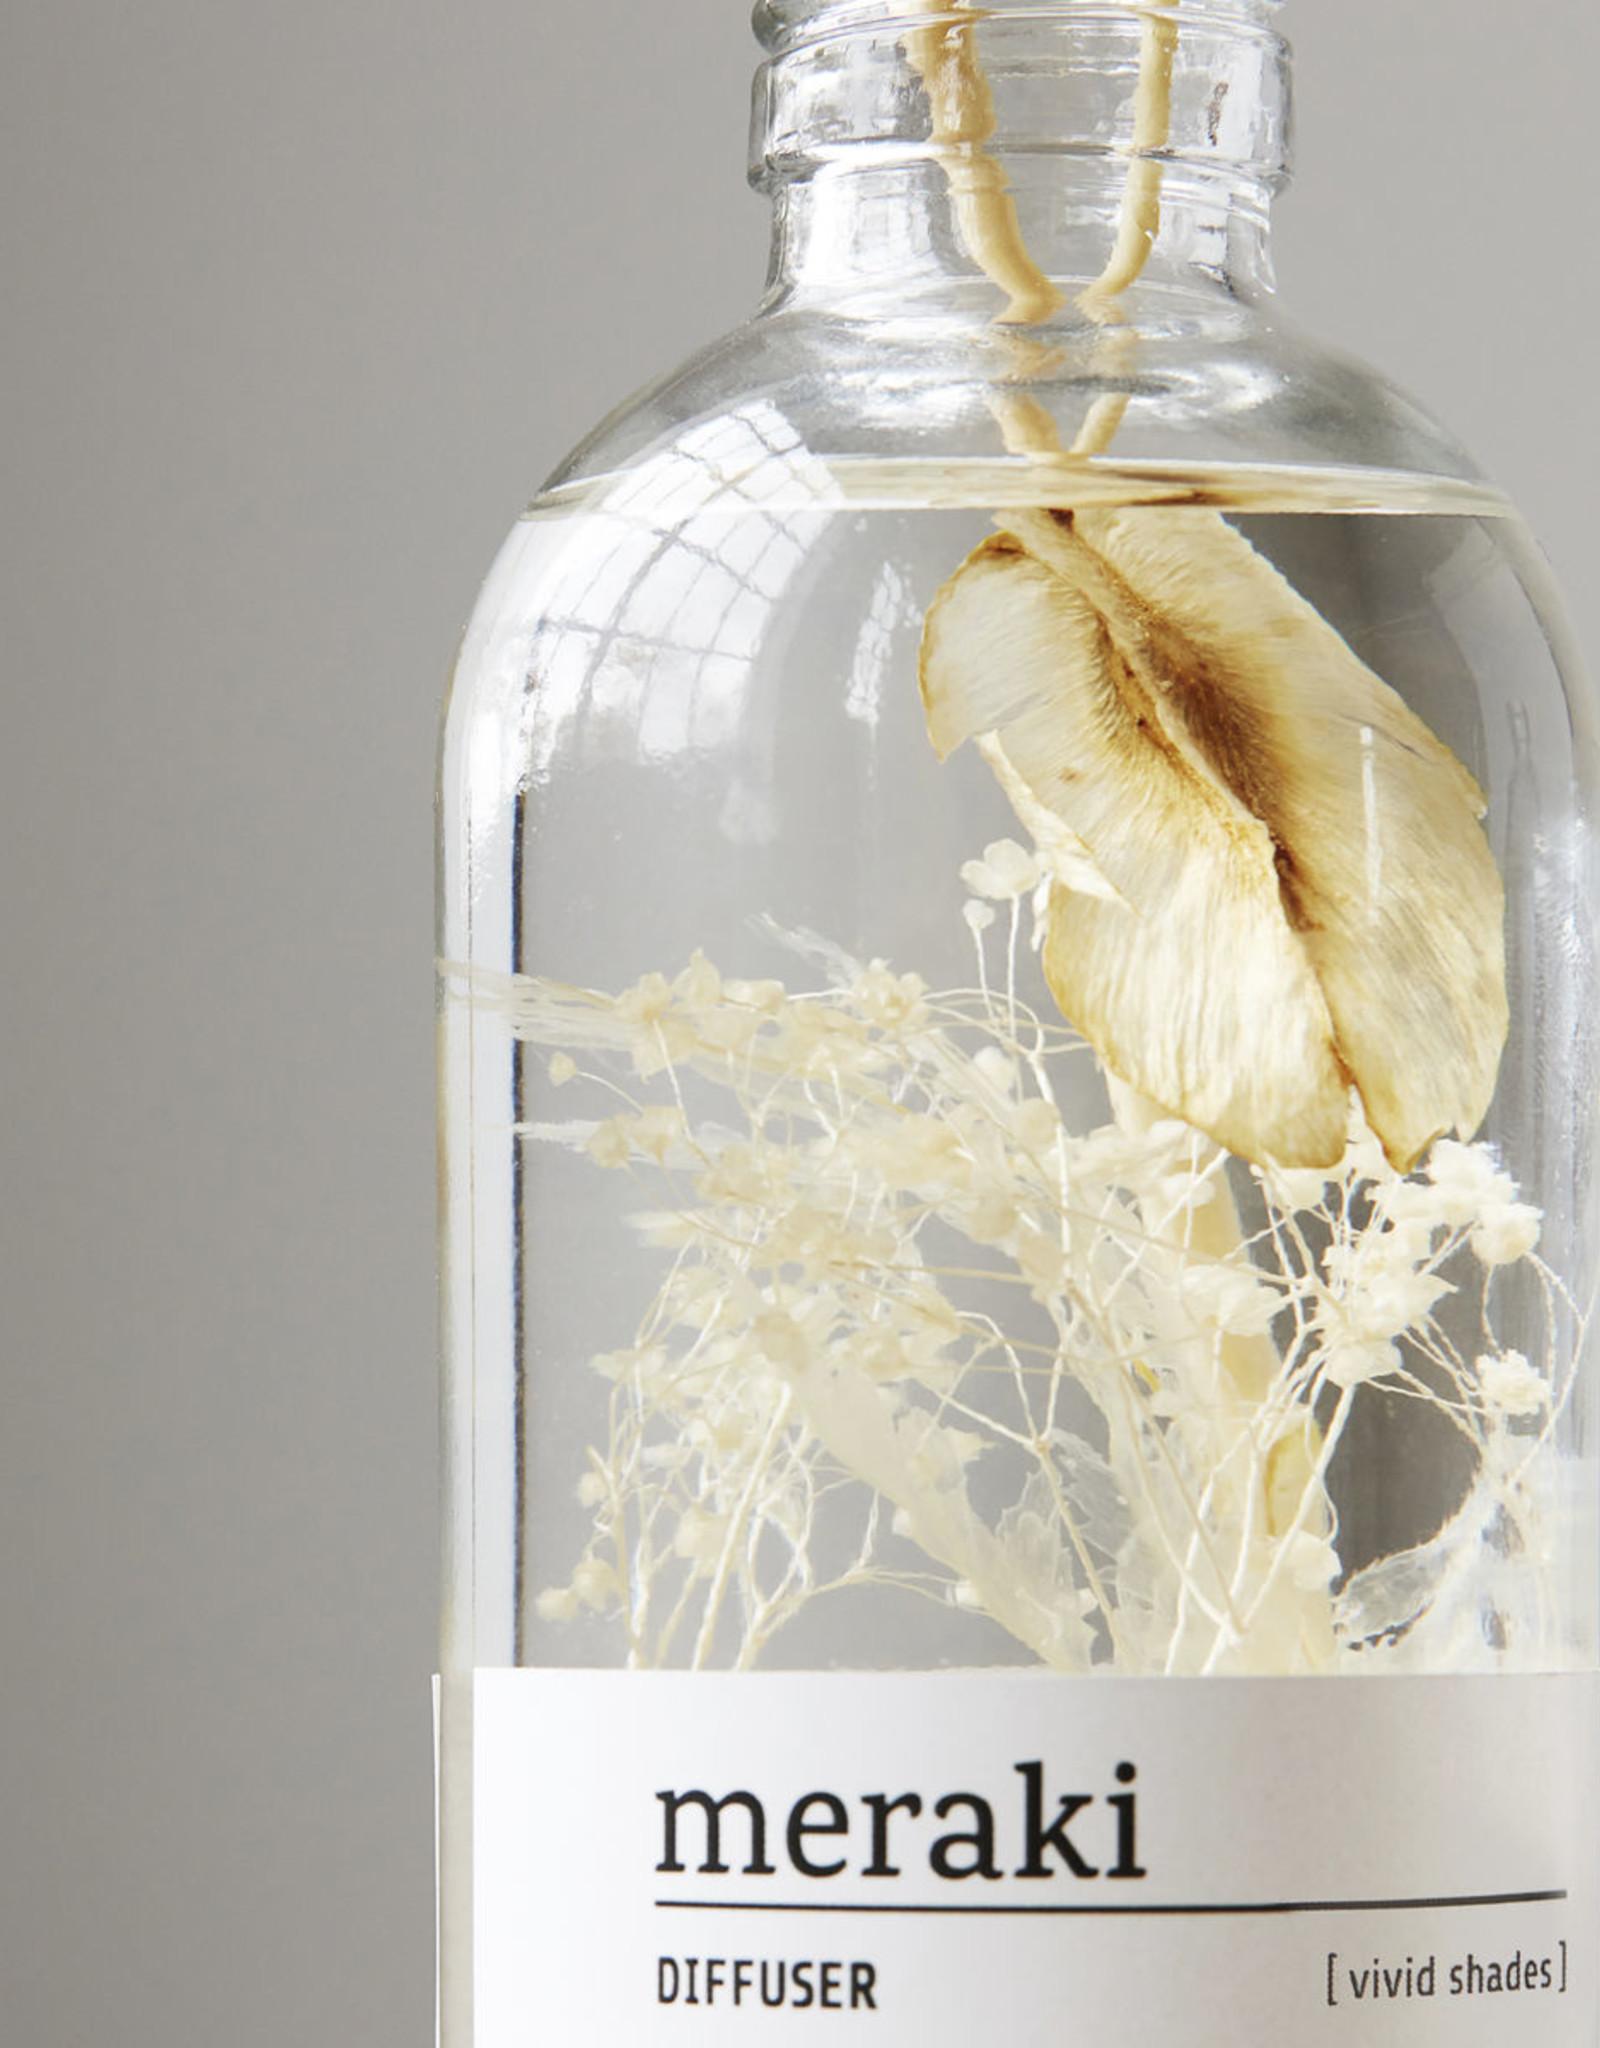 Meraki Meraki - diffuser, Vivid shades